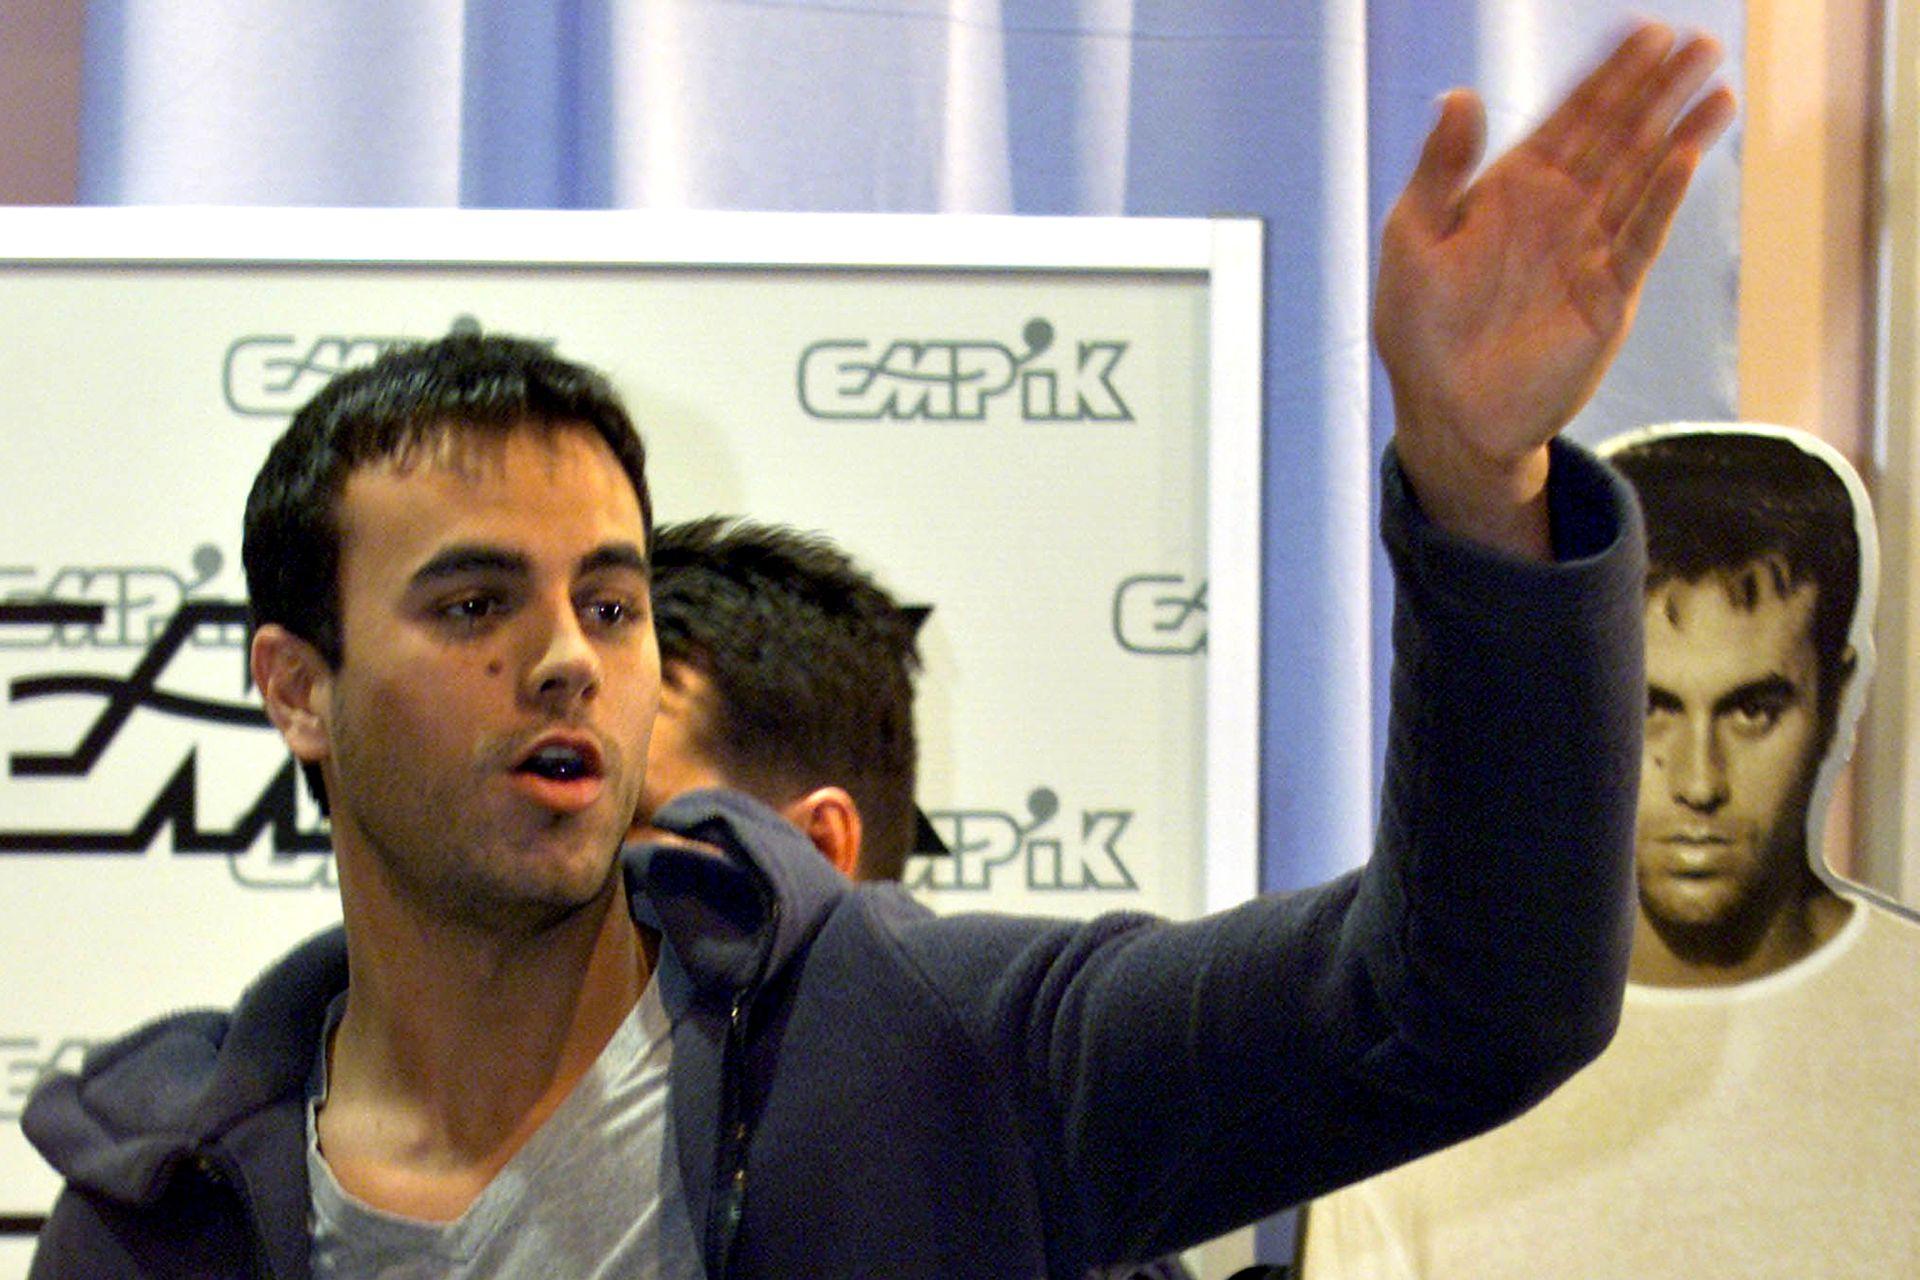 El cantante español saluda a sus fans en una tienda de música en Varsovia, Polonia, el 28 de febrero de 2000